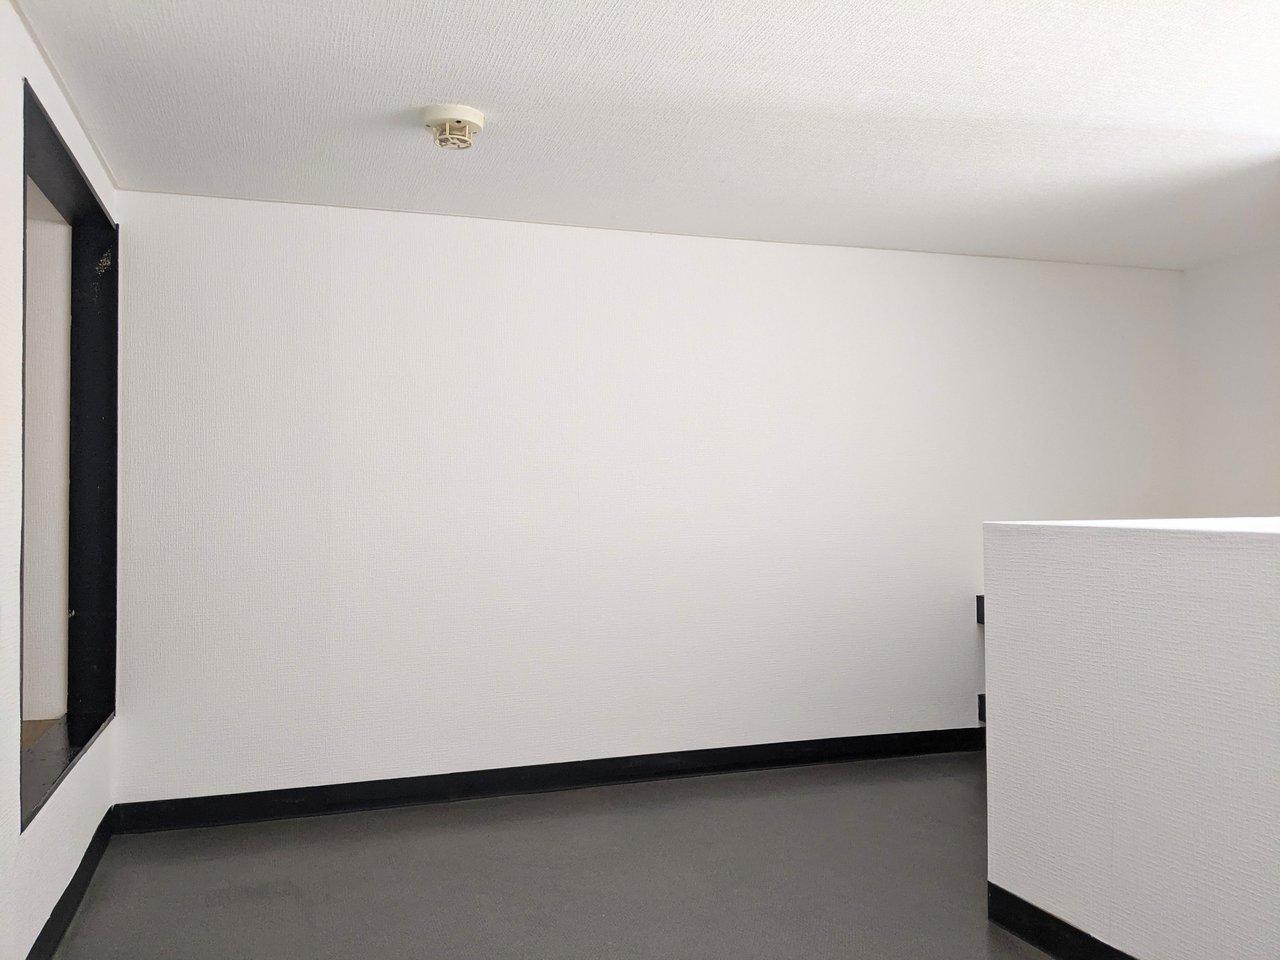 ロフト部分も3畳ほどの広さがあります。L字型になっているので、ゆったり使えます。奥行き1メートルほどの収納スペースもあるので、かなり荷物は置けそうです。